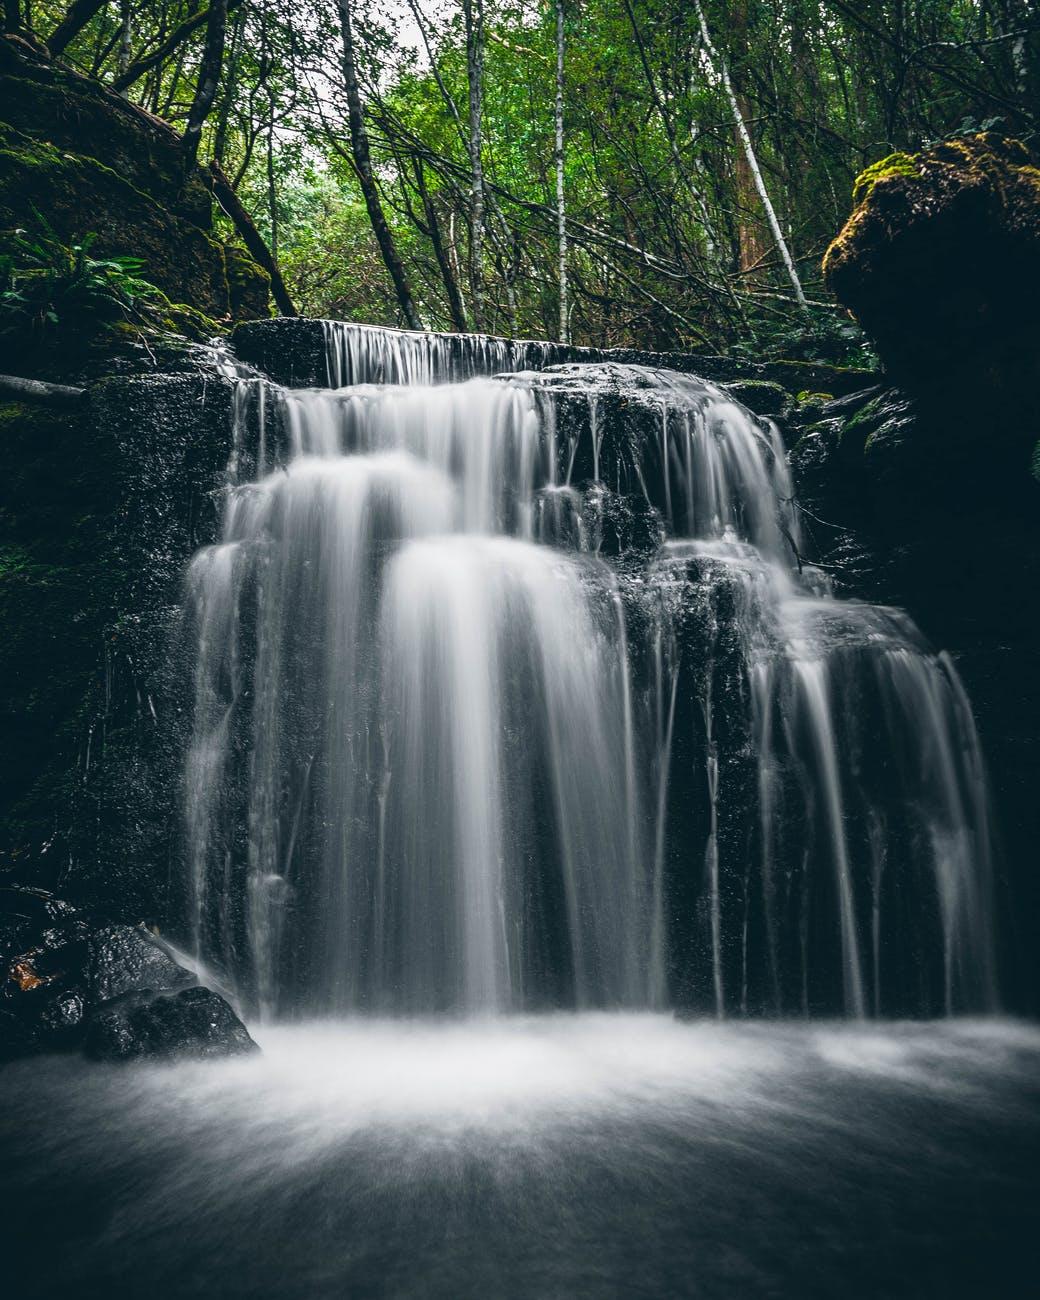 long exposure shot of a cascade